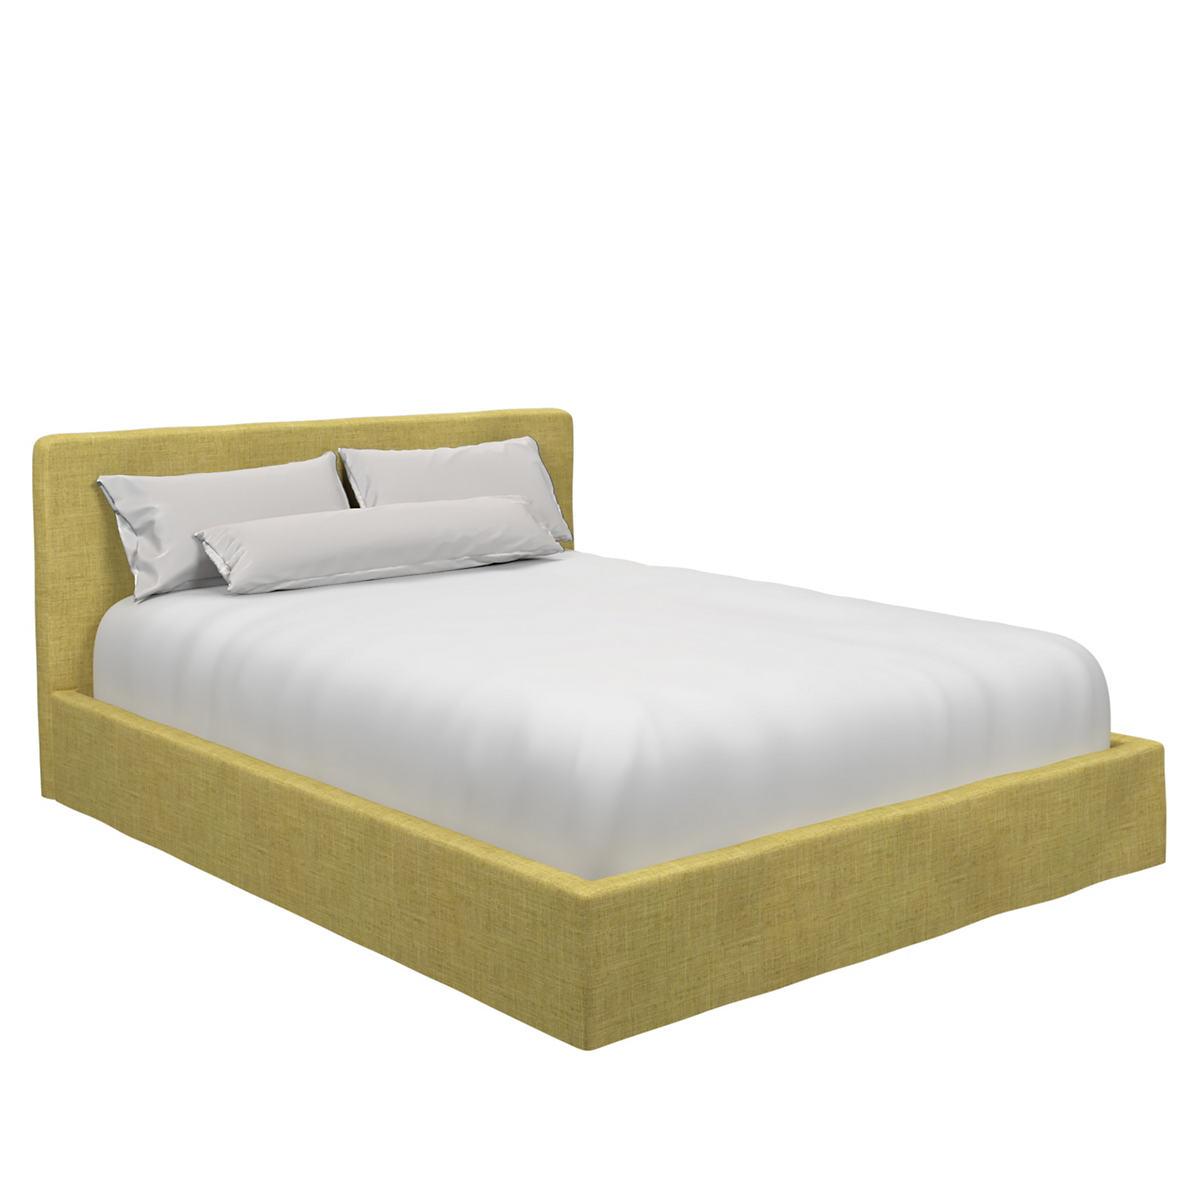 Canvasuede Citrus Loft Bed